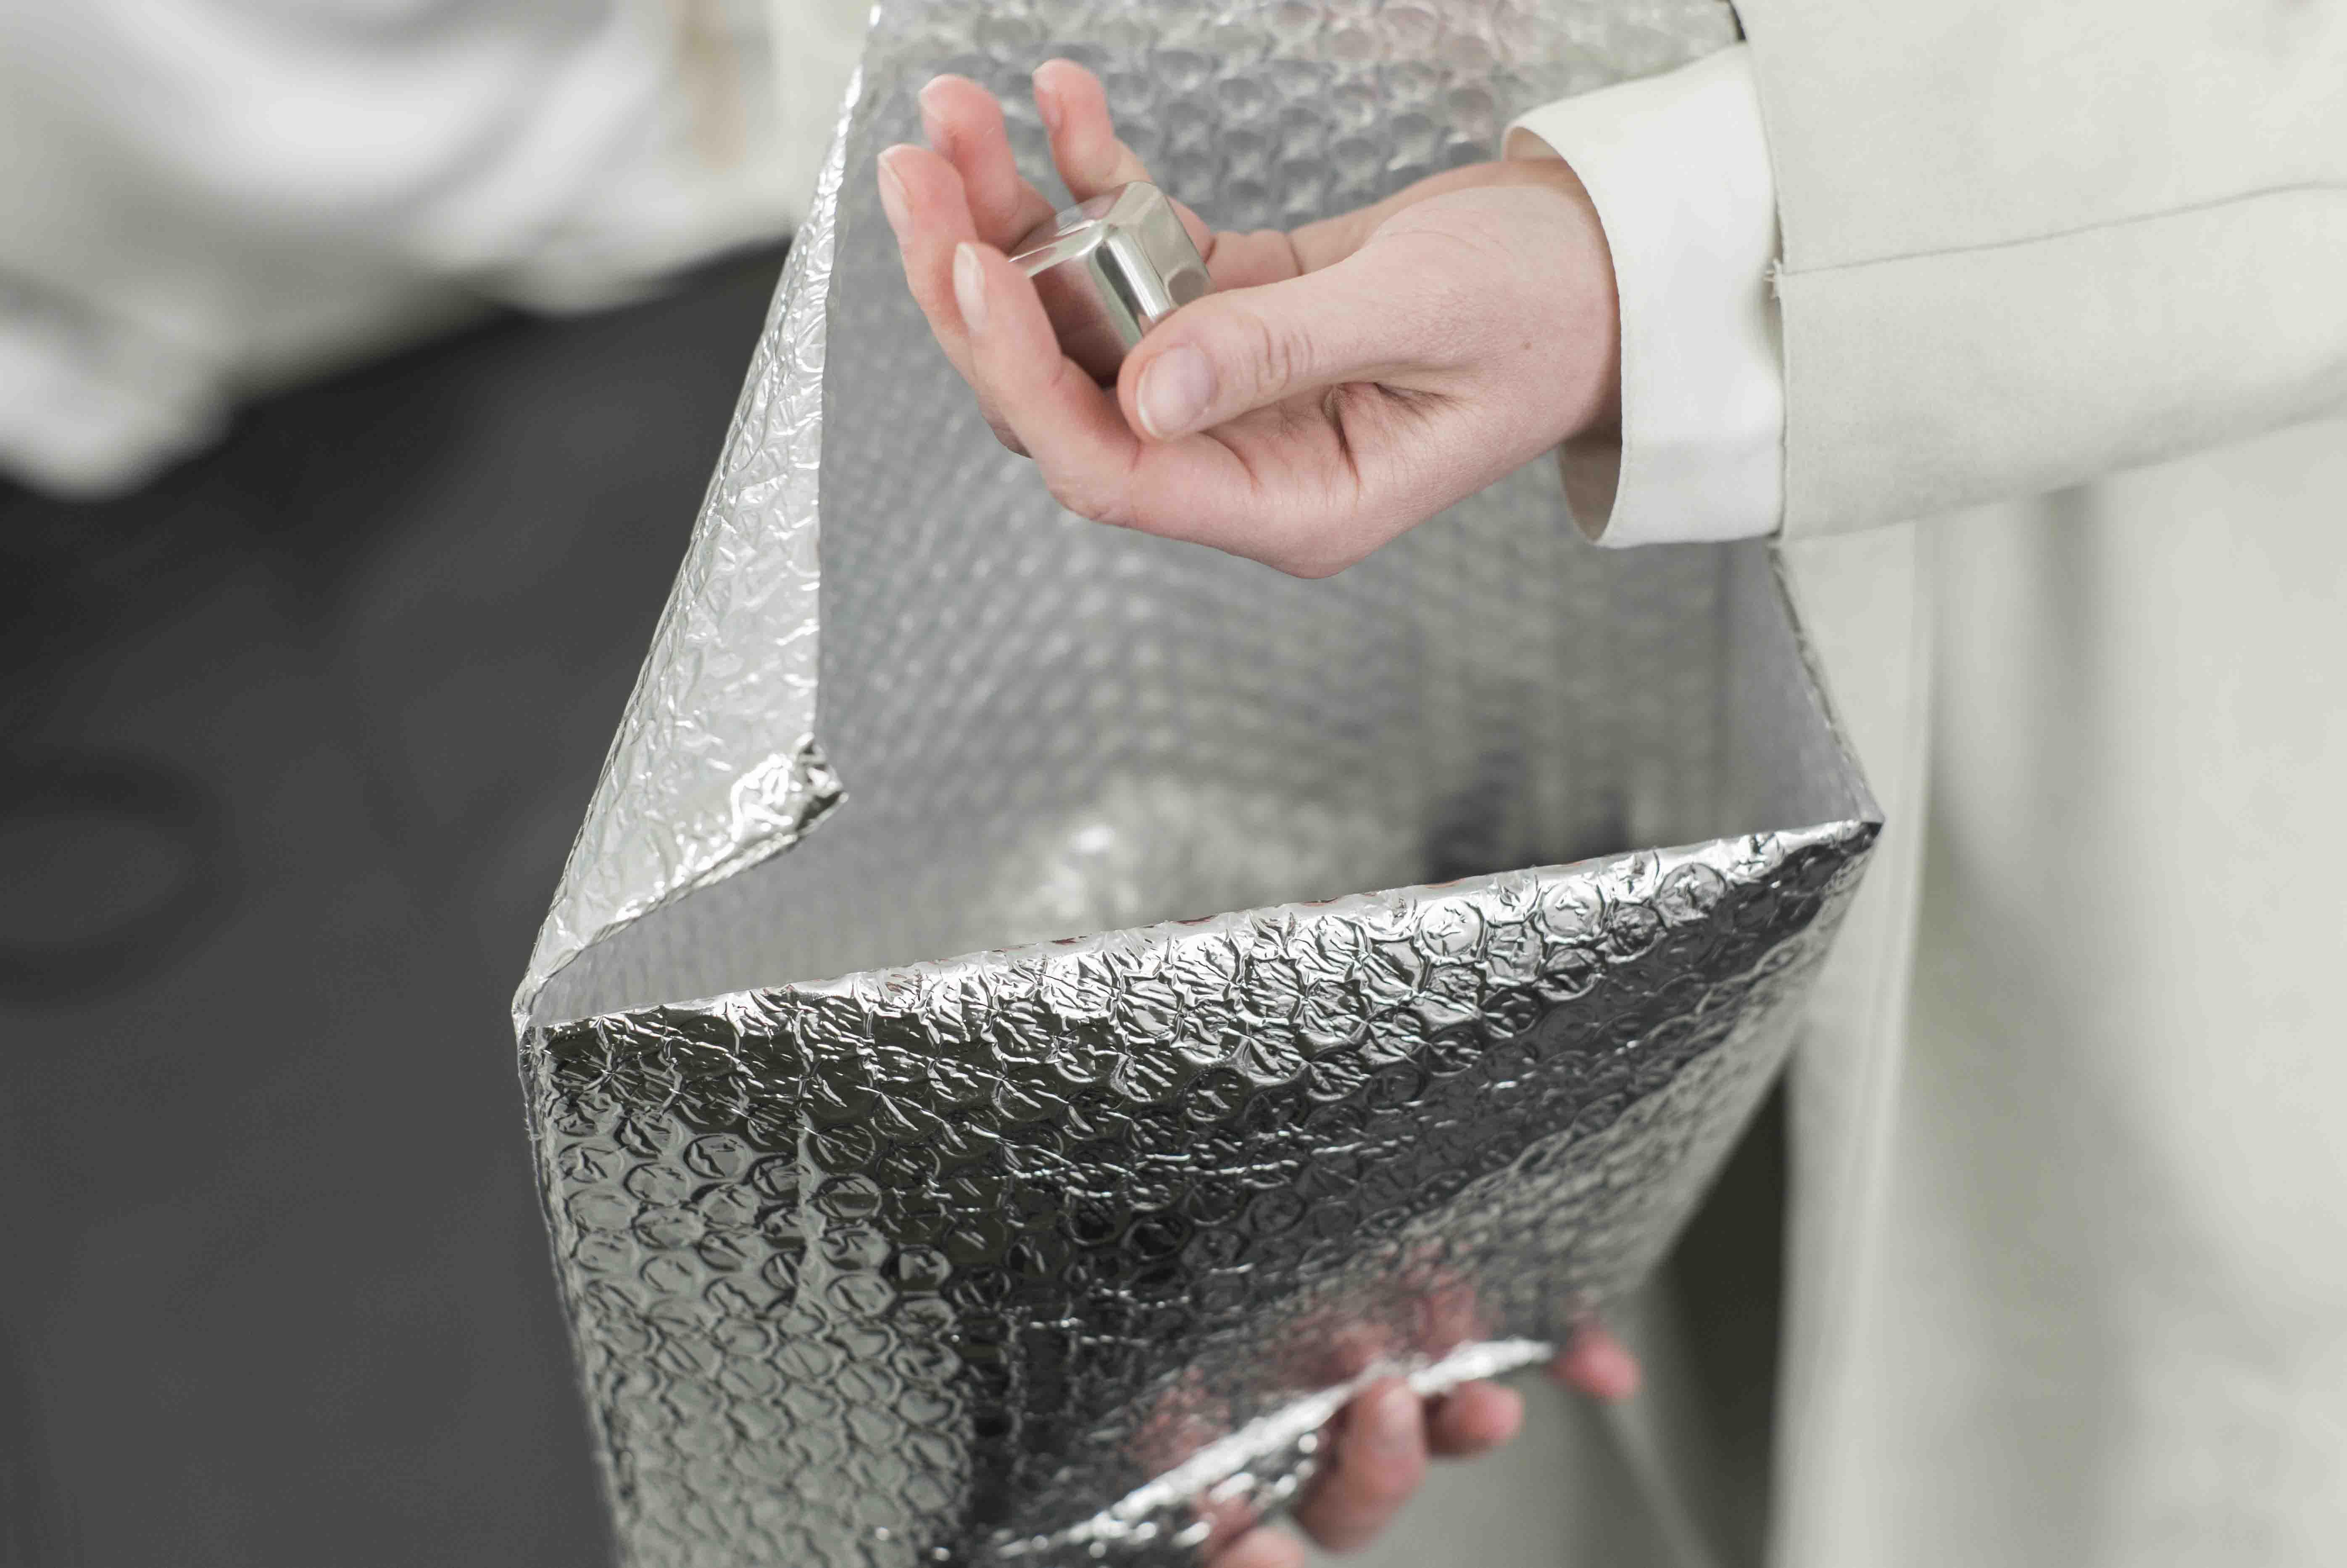 stand-posture-position-aluminiumwuerfel-als-geschenk